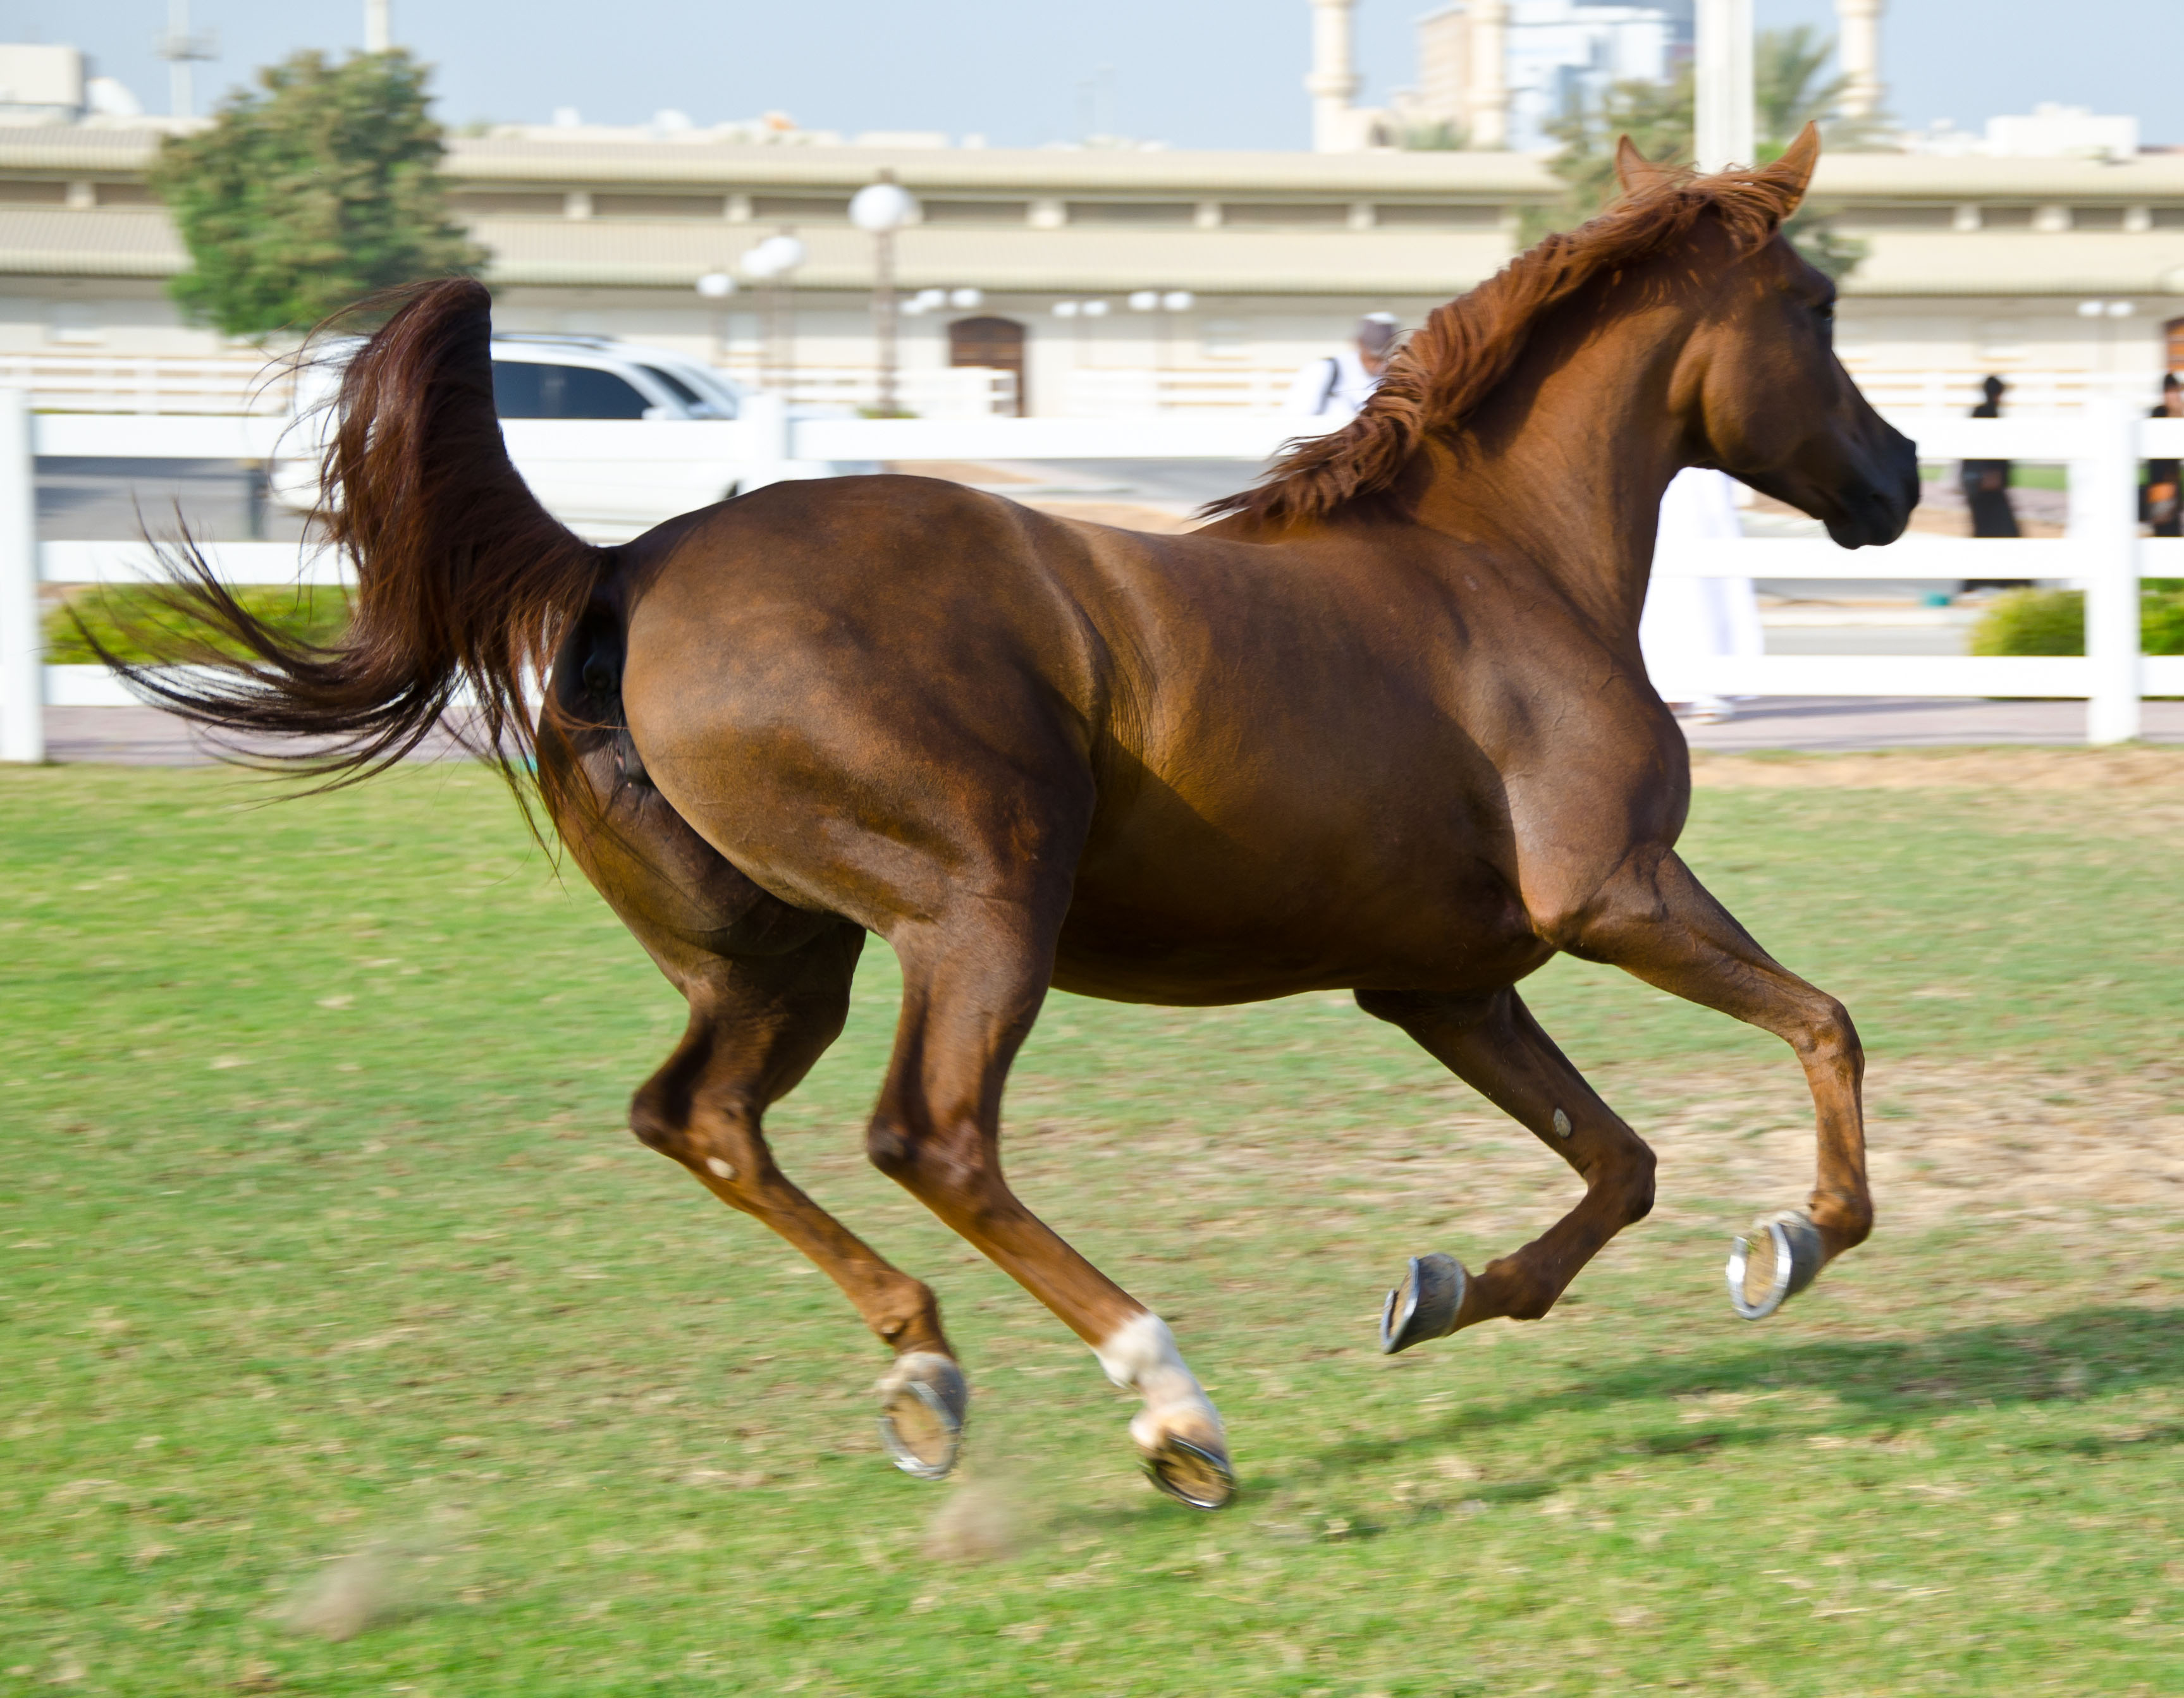 Original Horses running in a green field